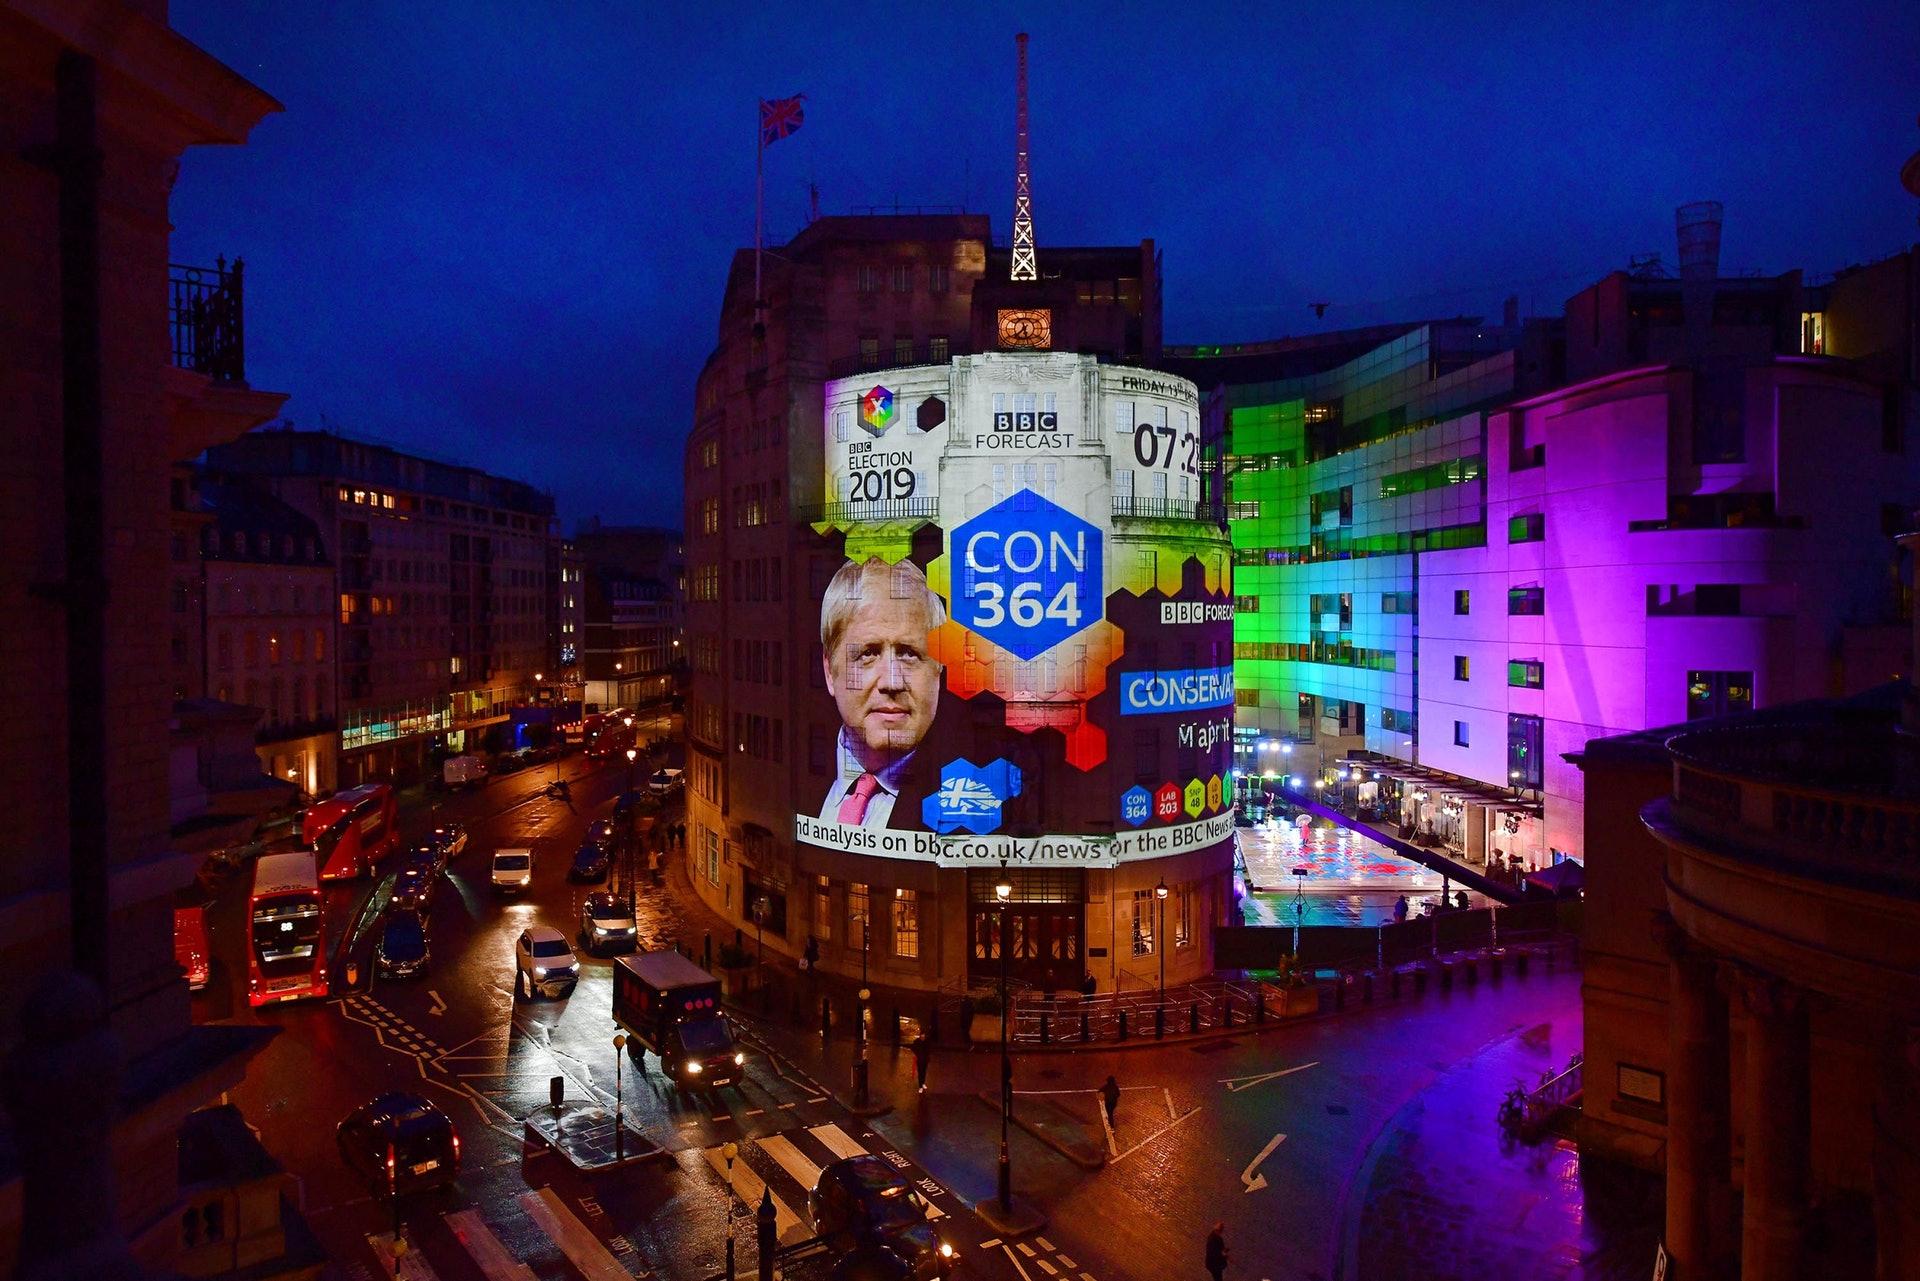 12月13日倫敦電視中心大型屏幕顯示保守黨大勝,首相約翰遜得到更大授權落實脫歐。(路透社)